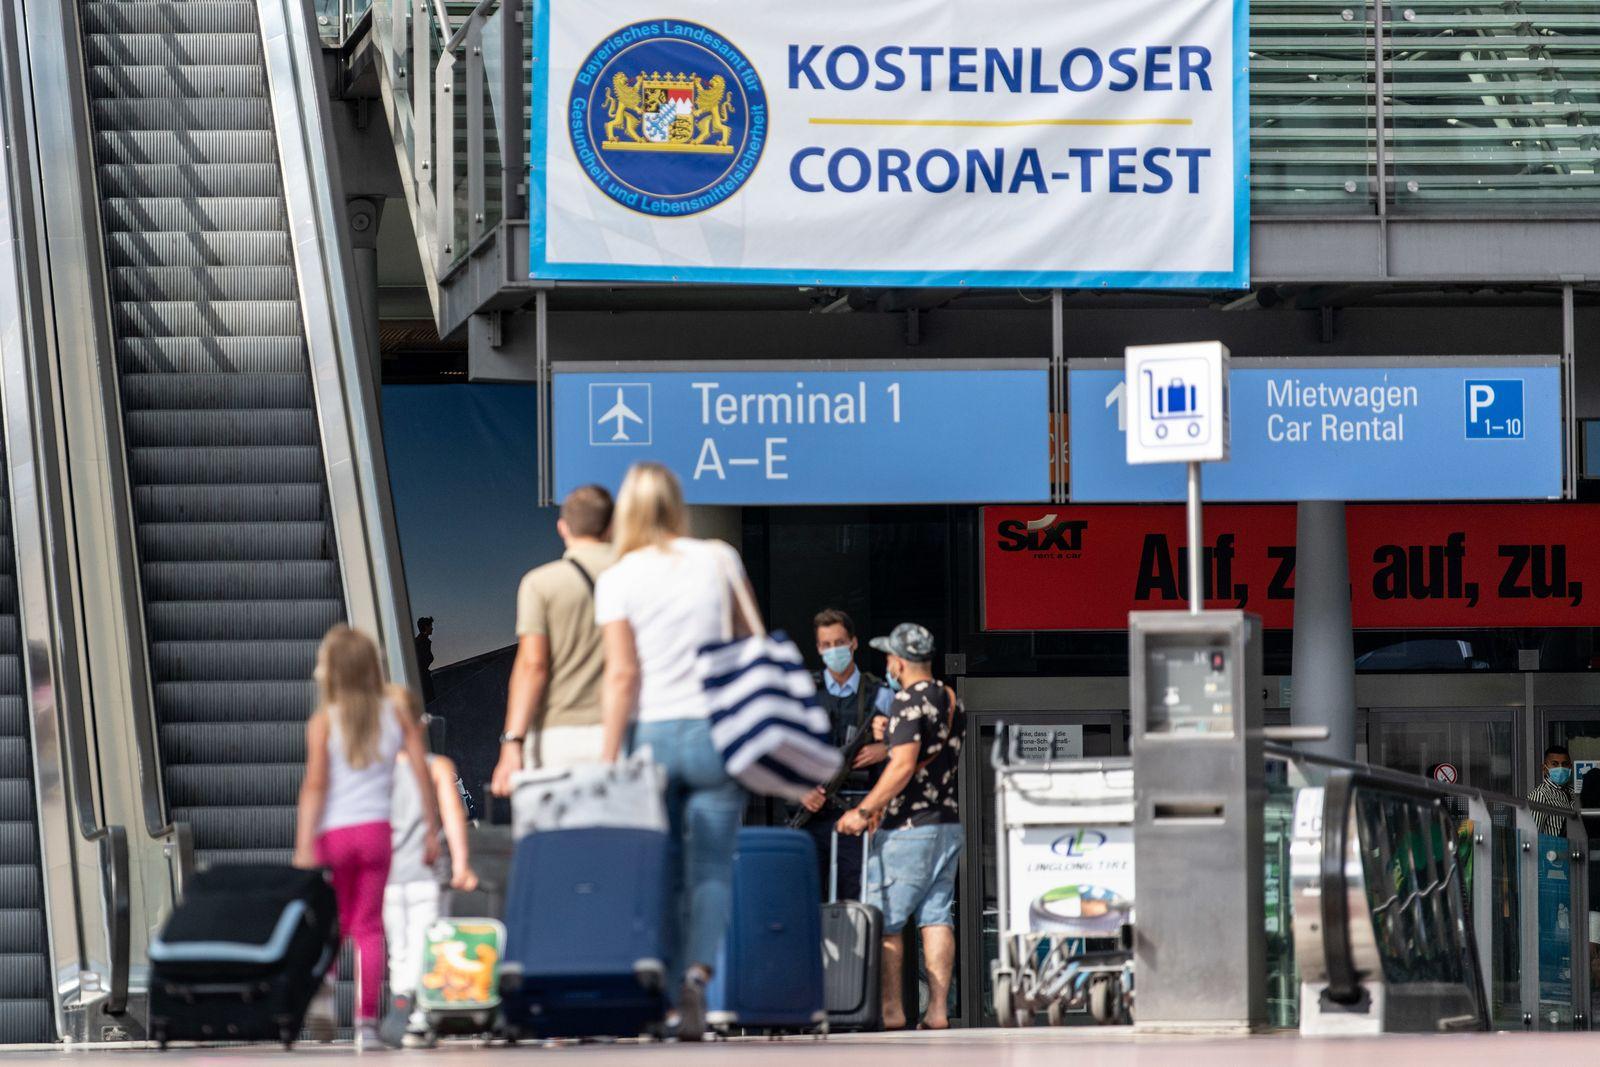 Corona-Teststation am Flughafen München